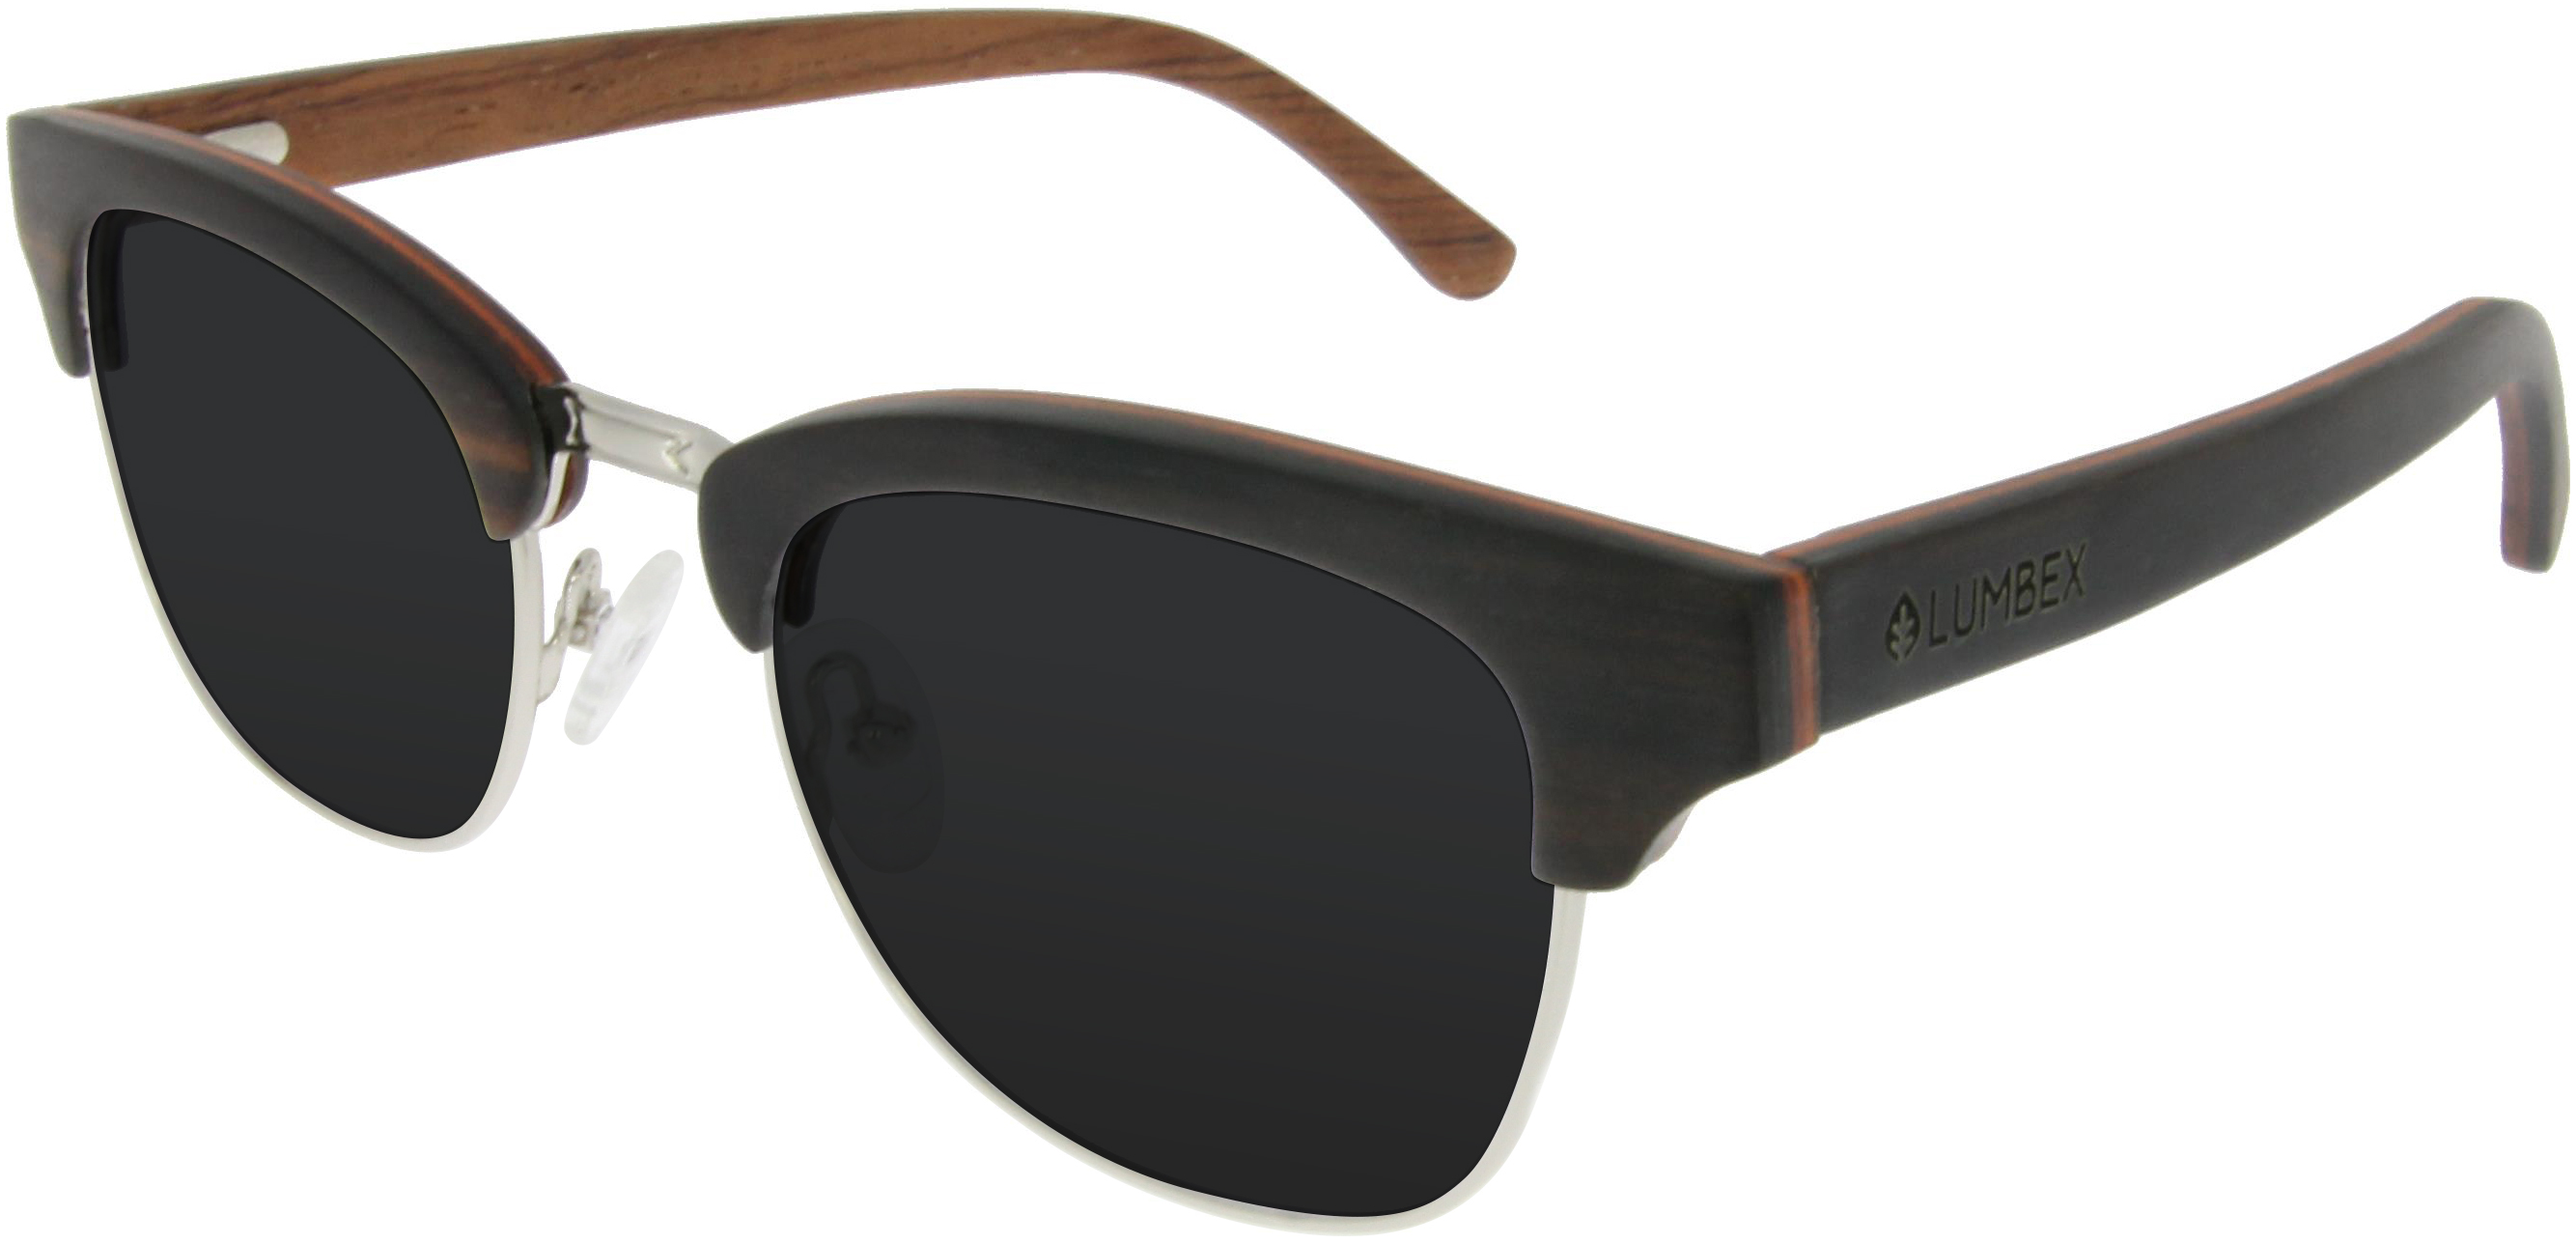 unisex brille im browline style aus holz damen brillen. Black Bedroom Furniture Sets. Home Design Ideas